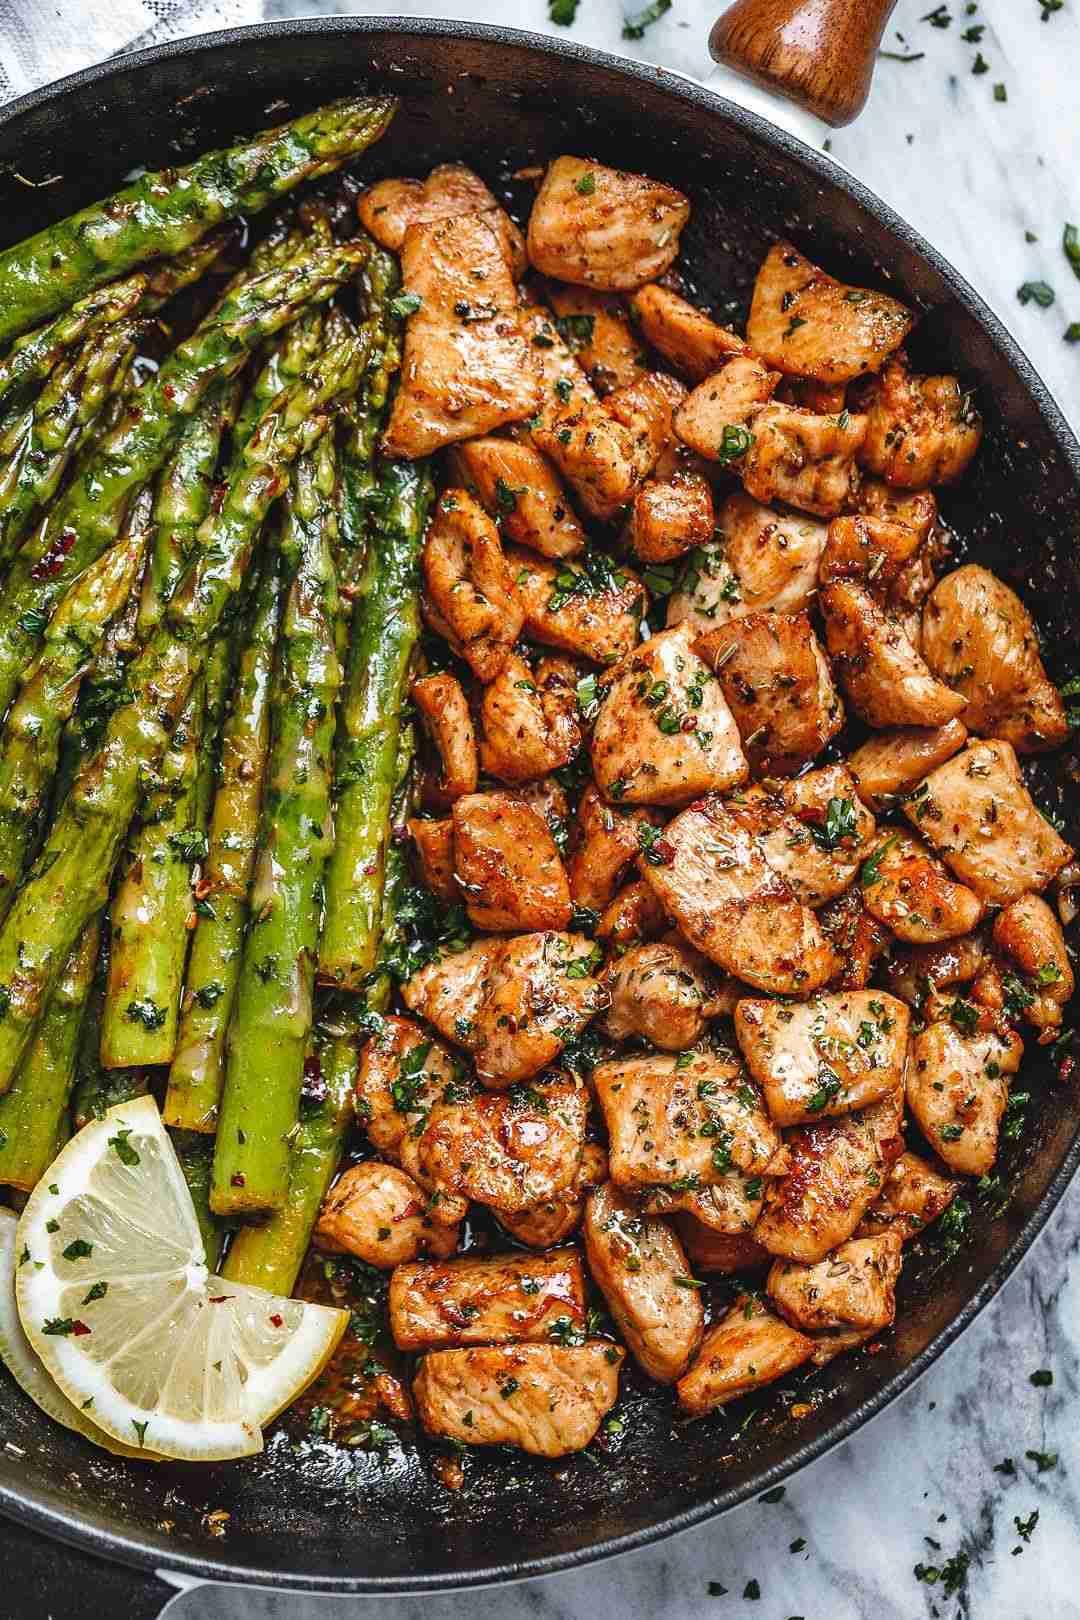 Garlic Butter Chicken Bites and Asparagus Recipe – Best Chicken and Asparagus Recipe